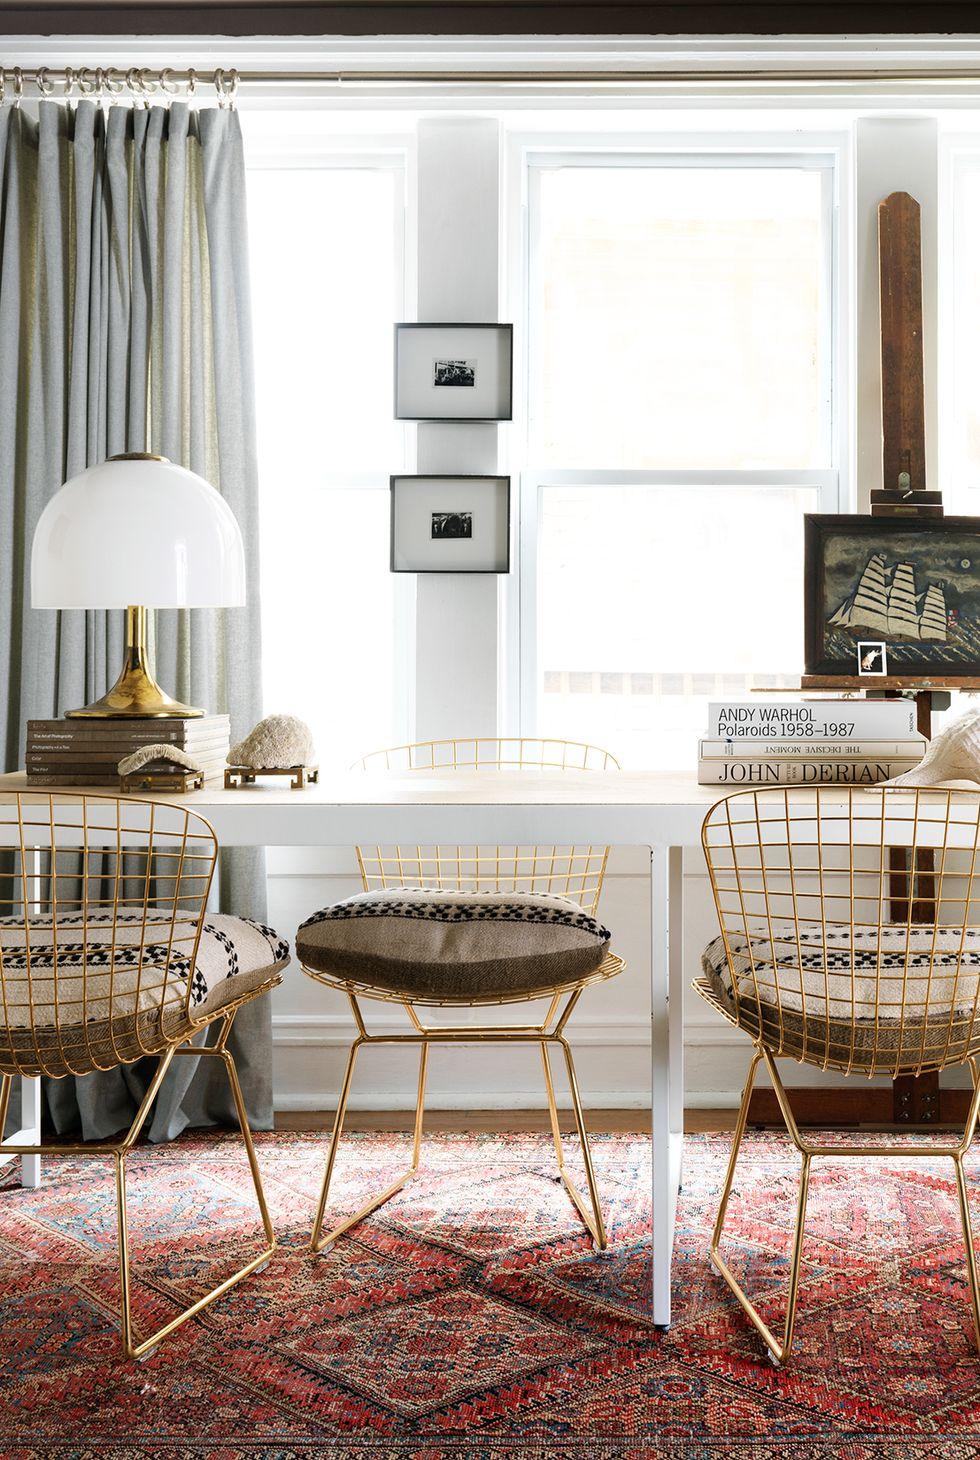 Kết hợp phòng ăn và phòng làm việc tại nhà của bạn với một chiếc bàn dài kiểu mô-đun có thể hoạt động như một bề mặt cho cả ăn uống và làm việc. Trong không gian này được thiết kế bởi Devin Kirk , những chiếc ghế được kê so le nhau để gia chủ có thể trải ra và xuống kinh doanh cùng một lúc.